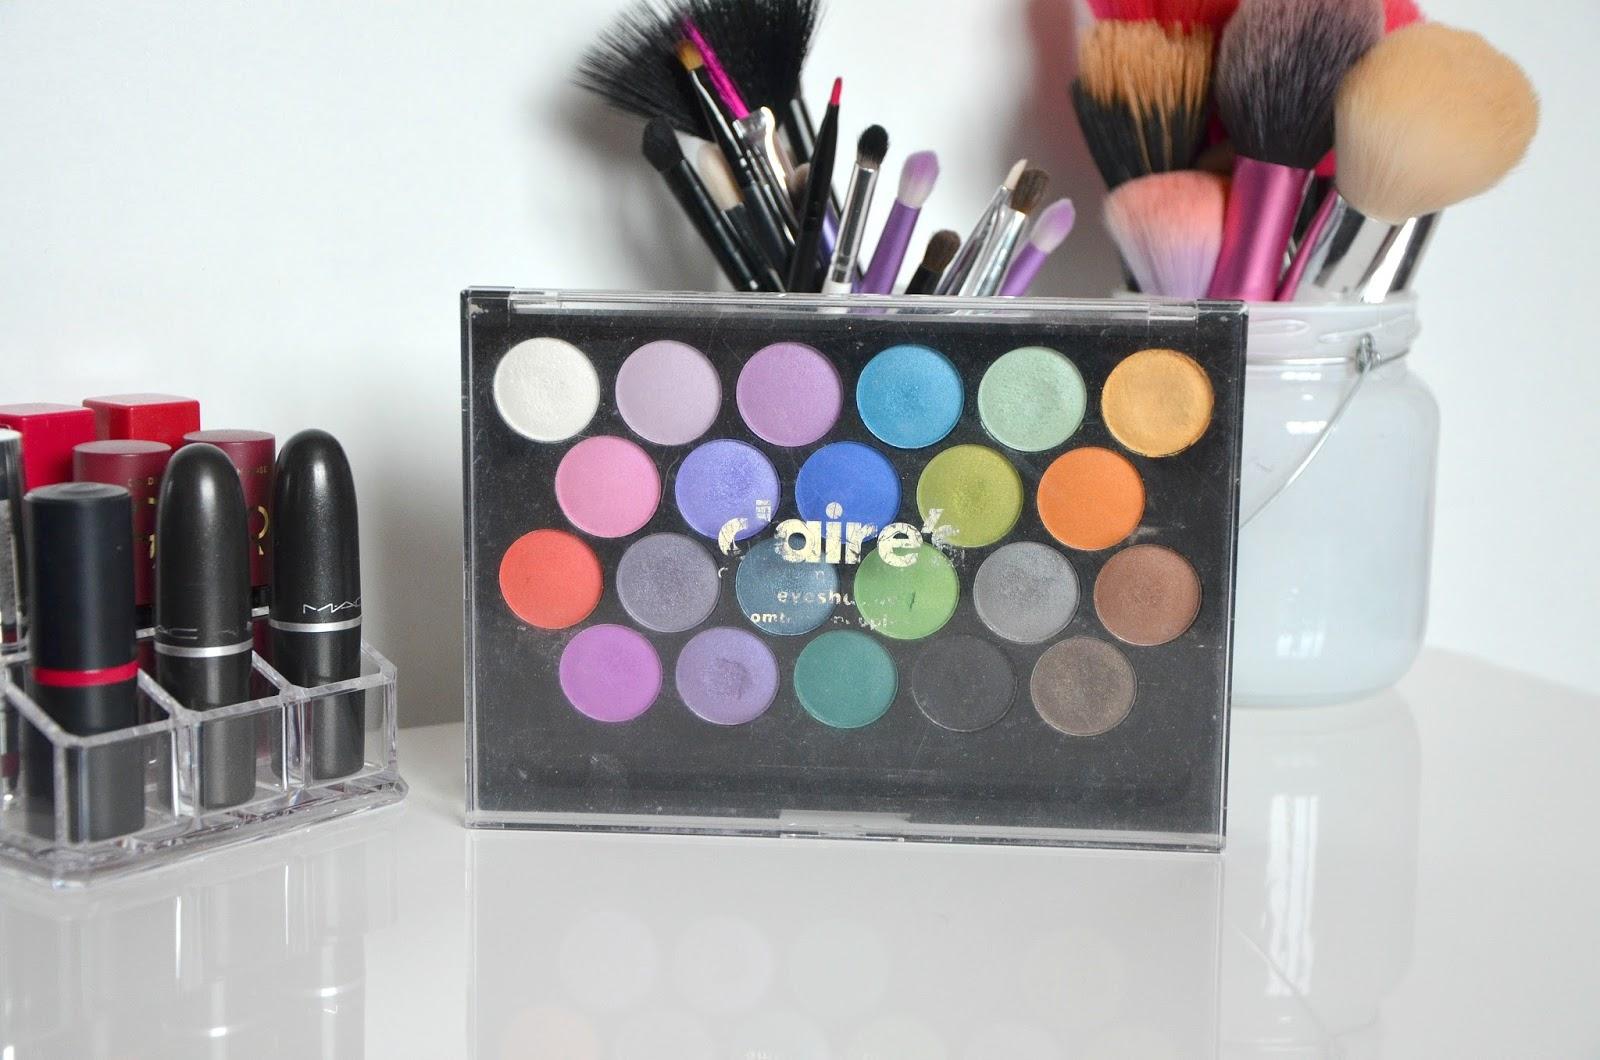 Claire's makeup palette